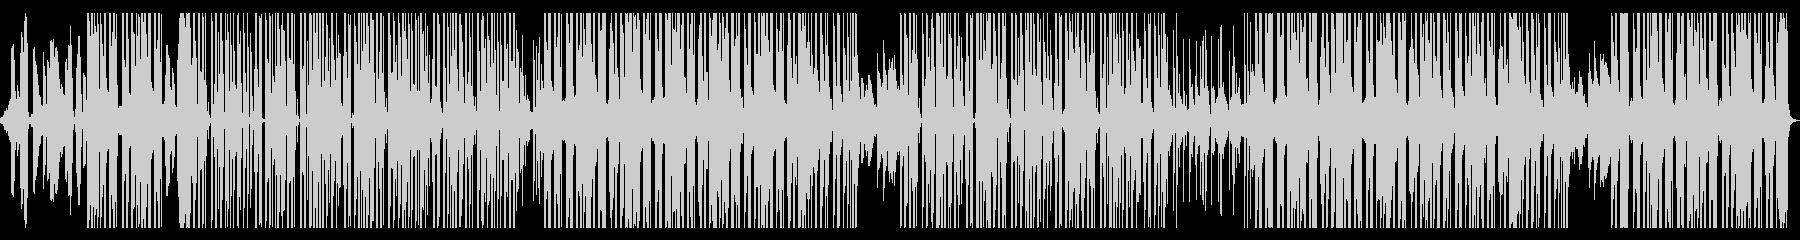 おしゃれなピアノのR&B系ポップスの未再生の波形